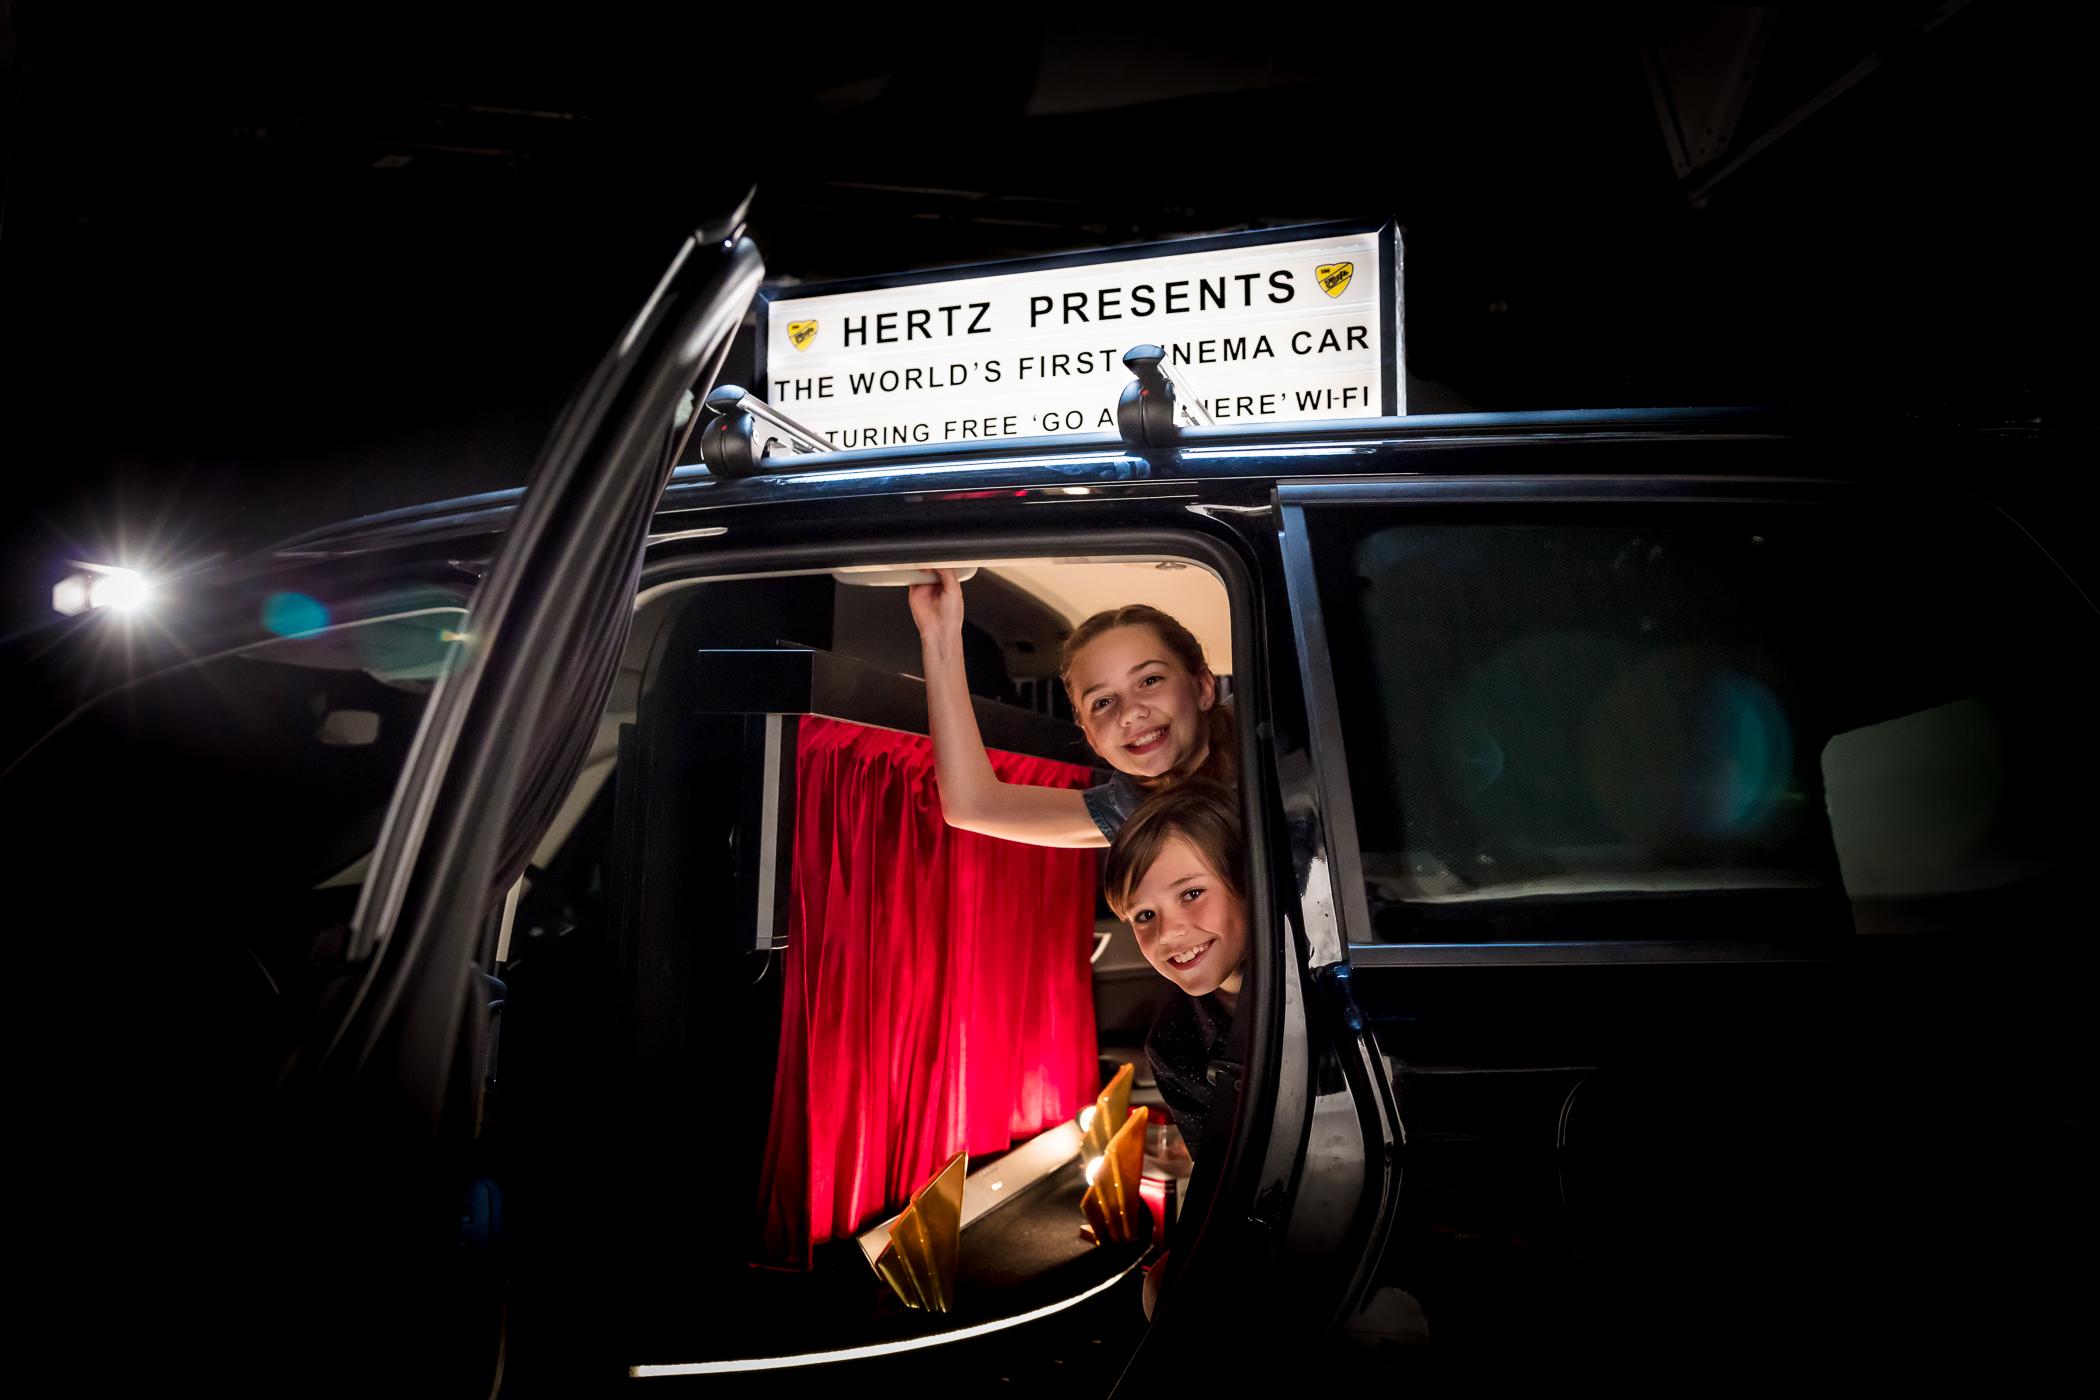 hertz cinema car-1701-Edit.jpg